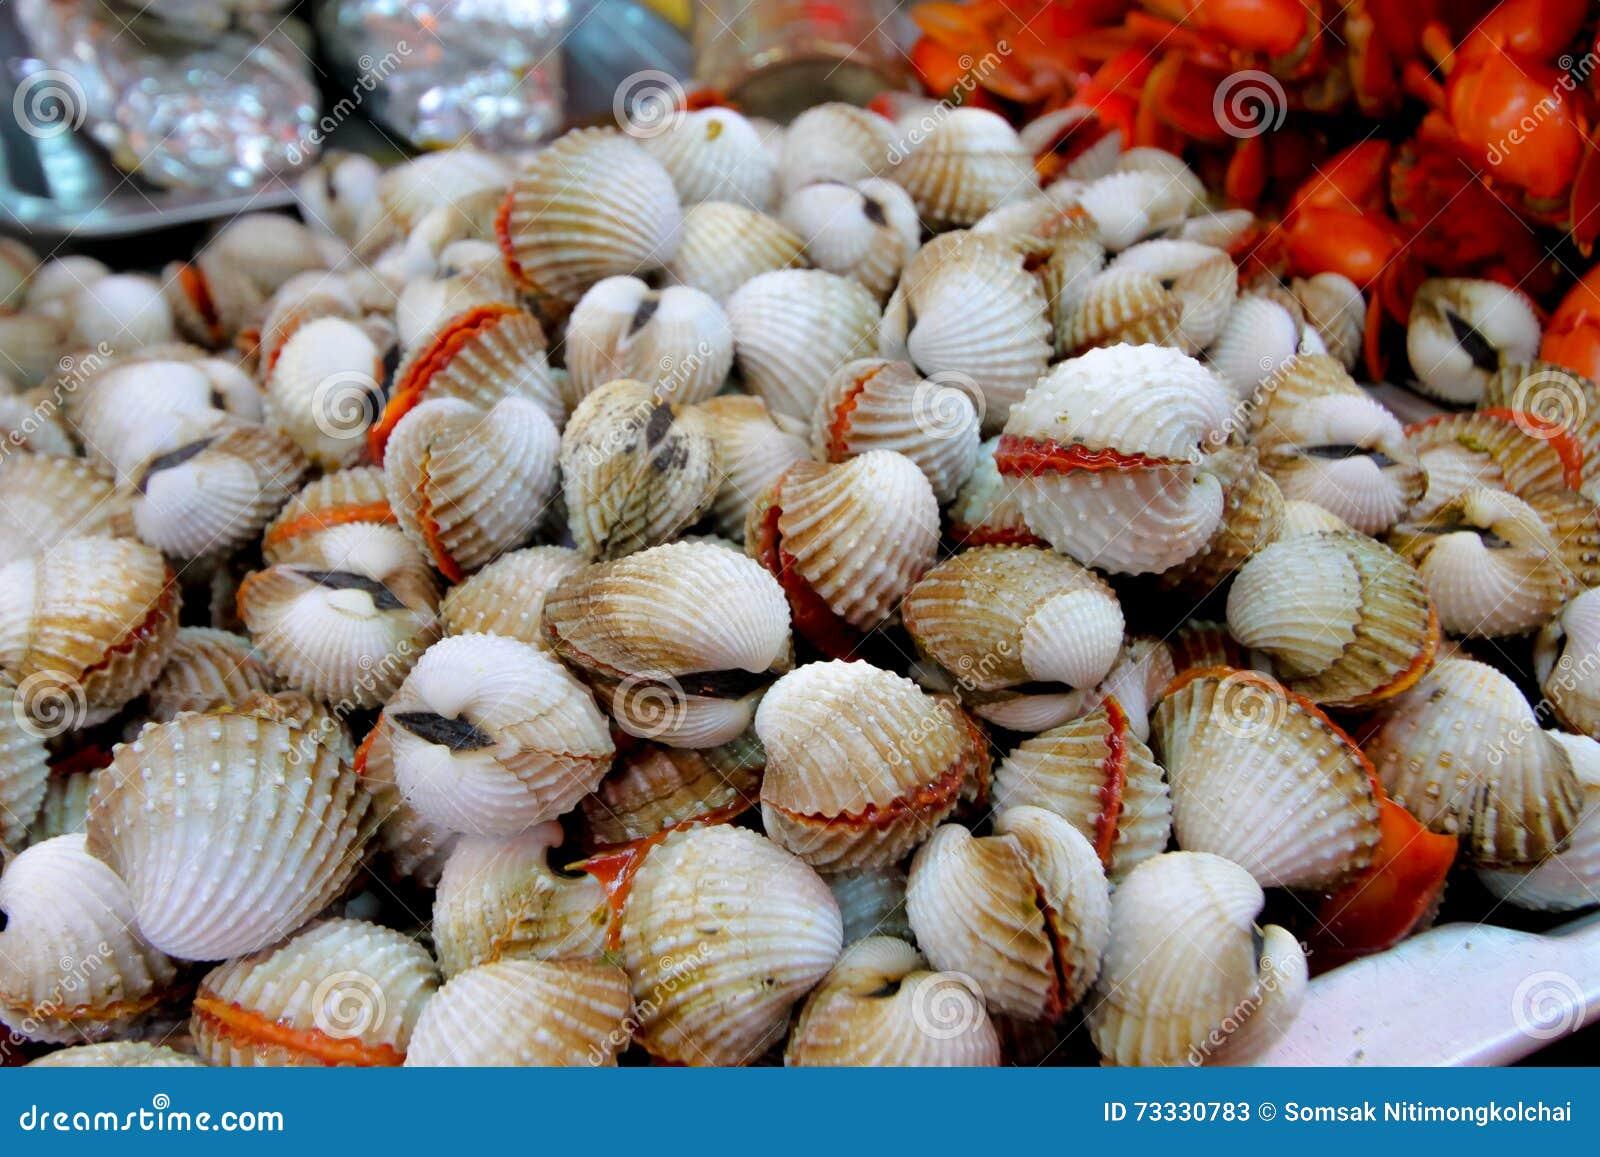 Berberecho un comestible, cavarando el molusco bivalvo con un acanalado fuerte